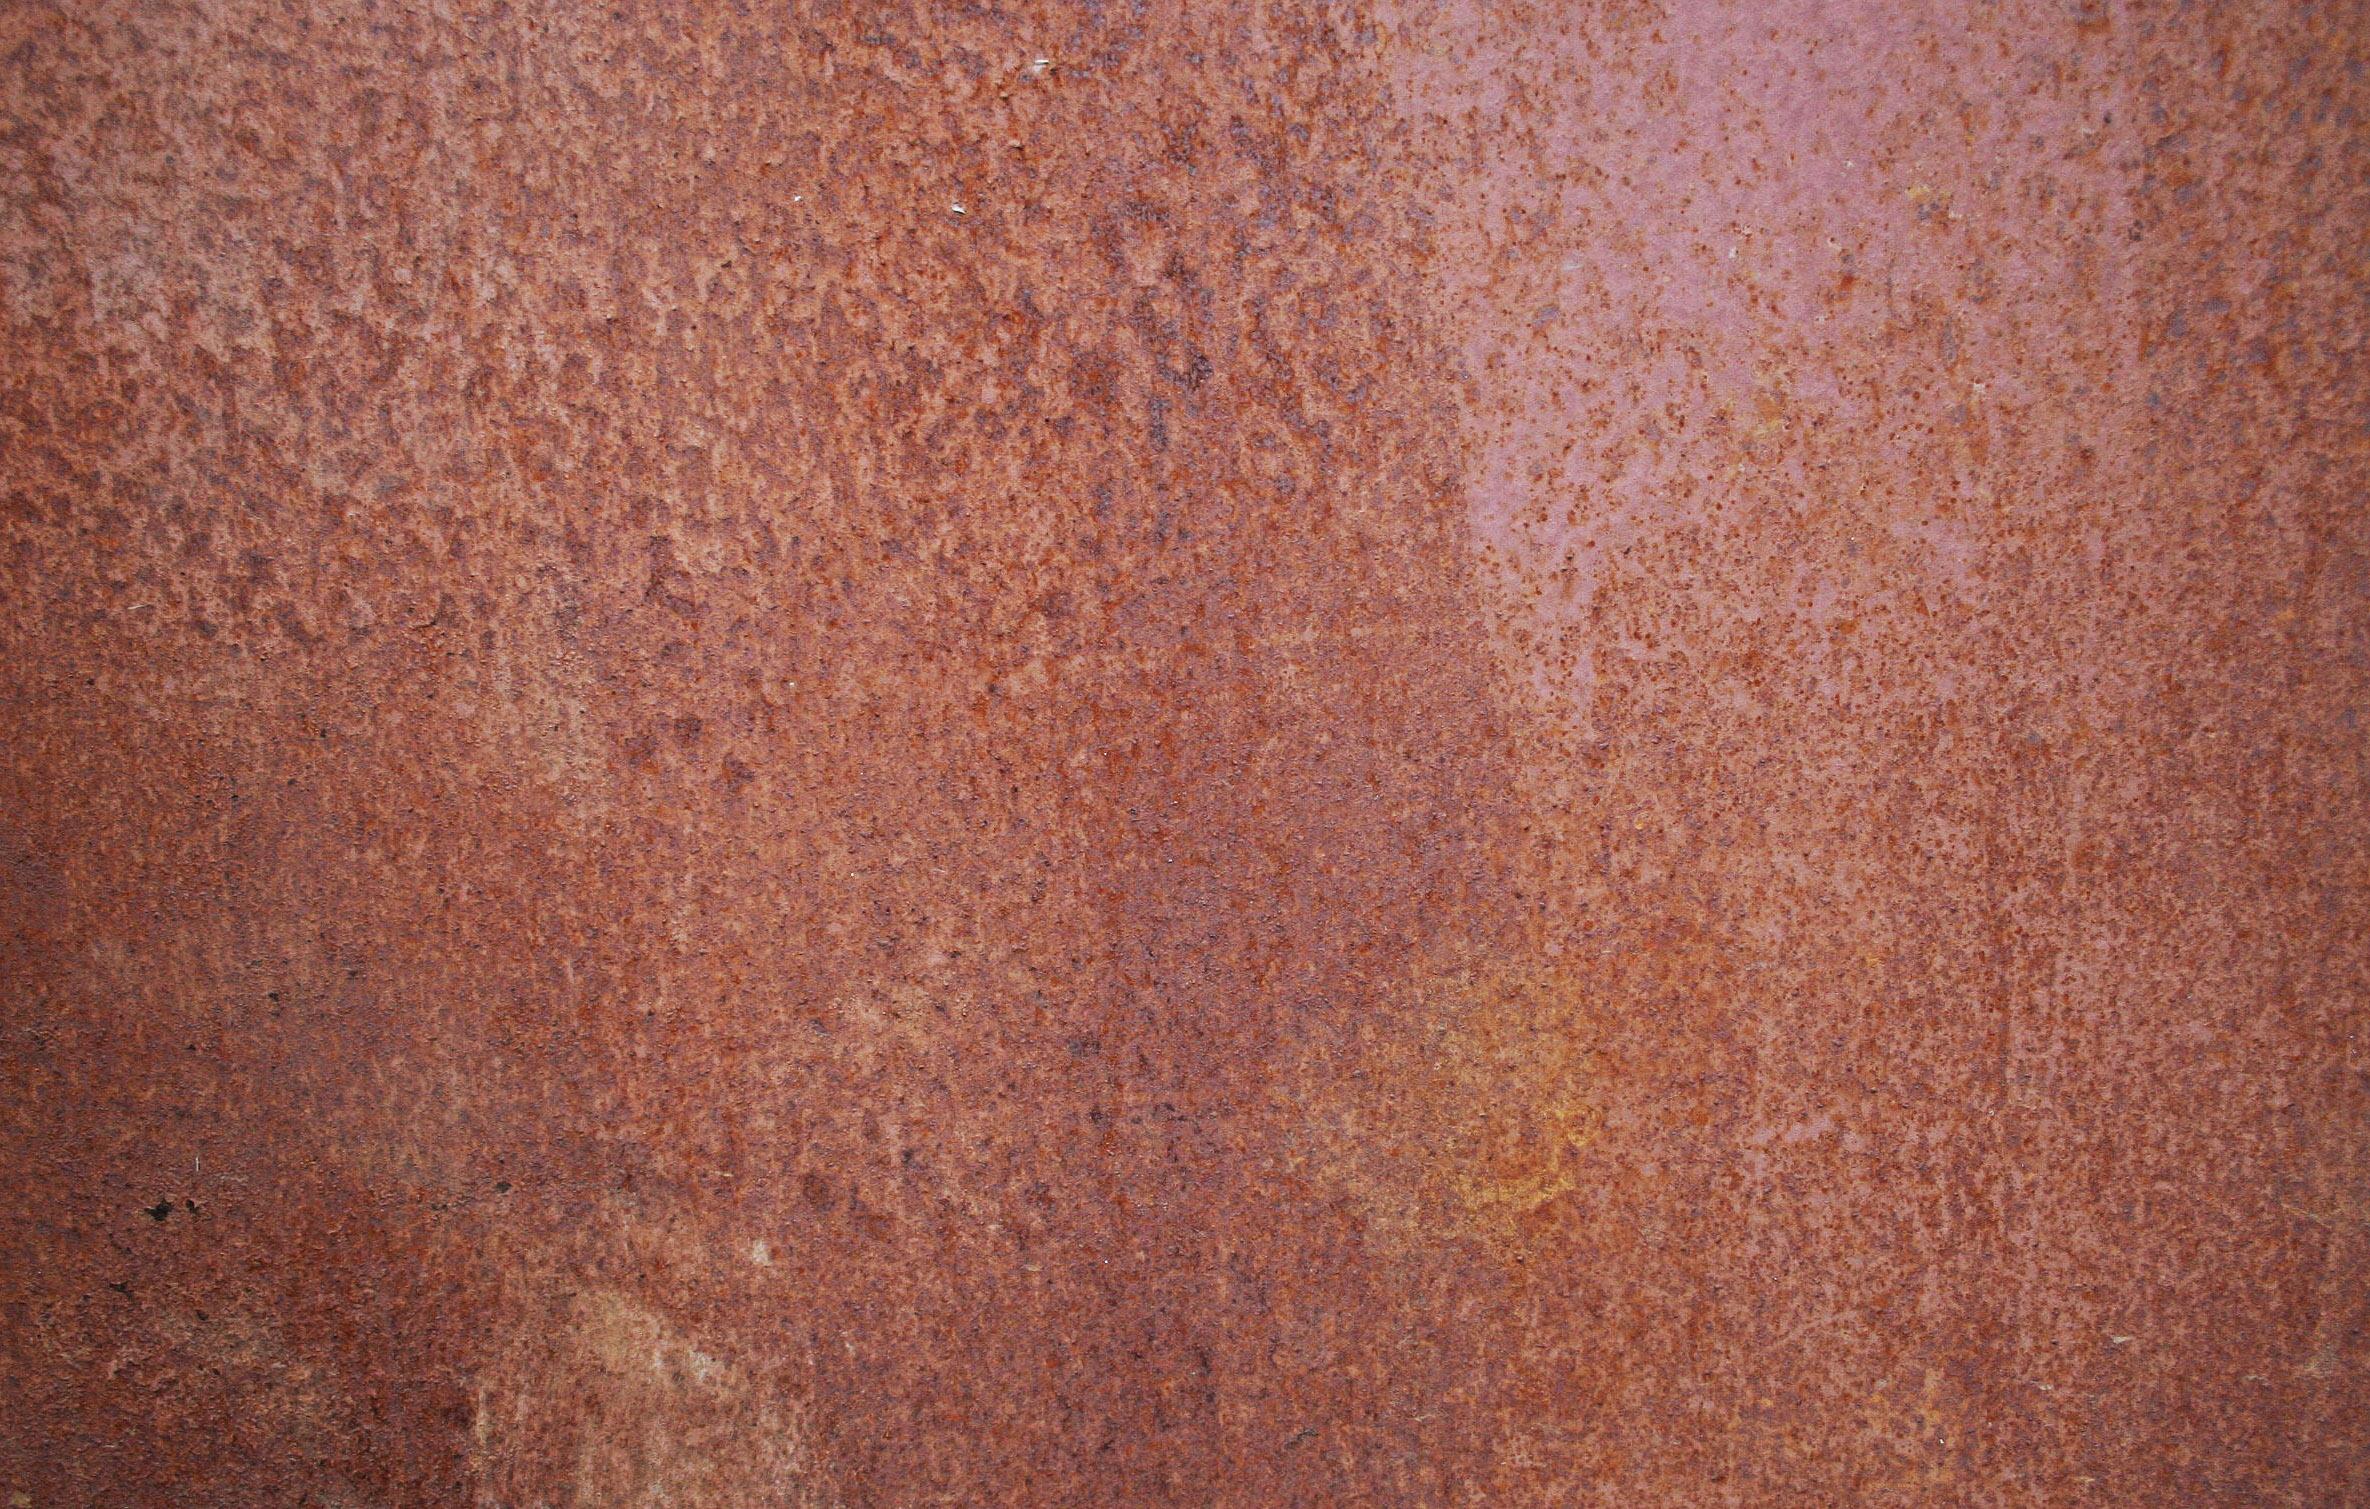 Rusty Metal TextureRusted Metal Texture